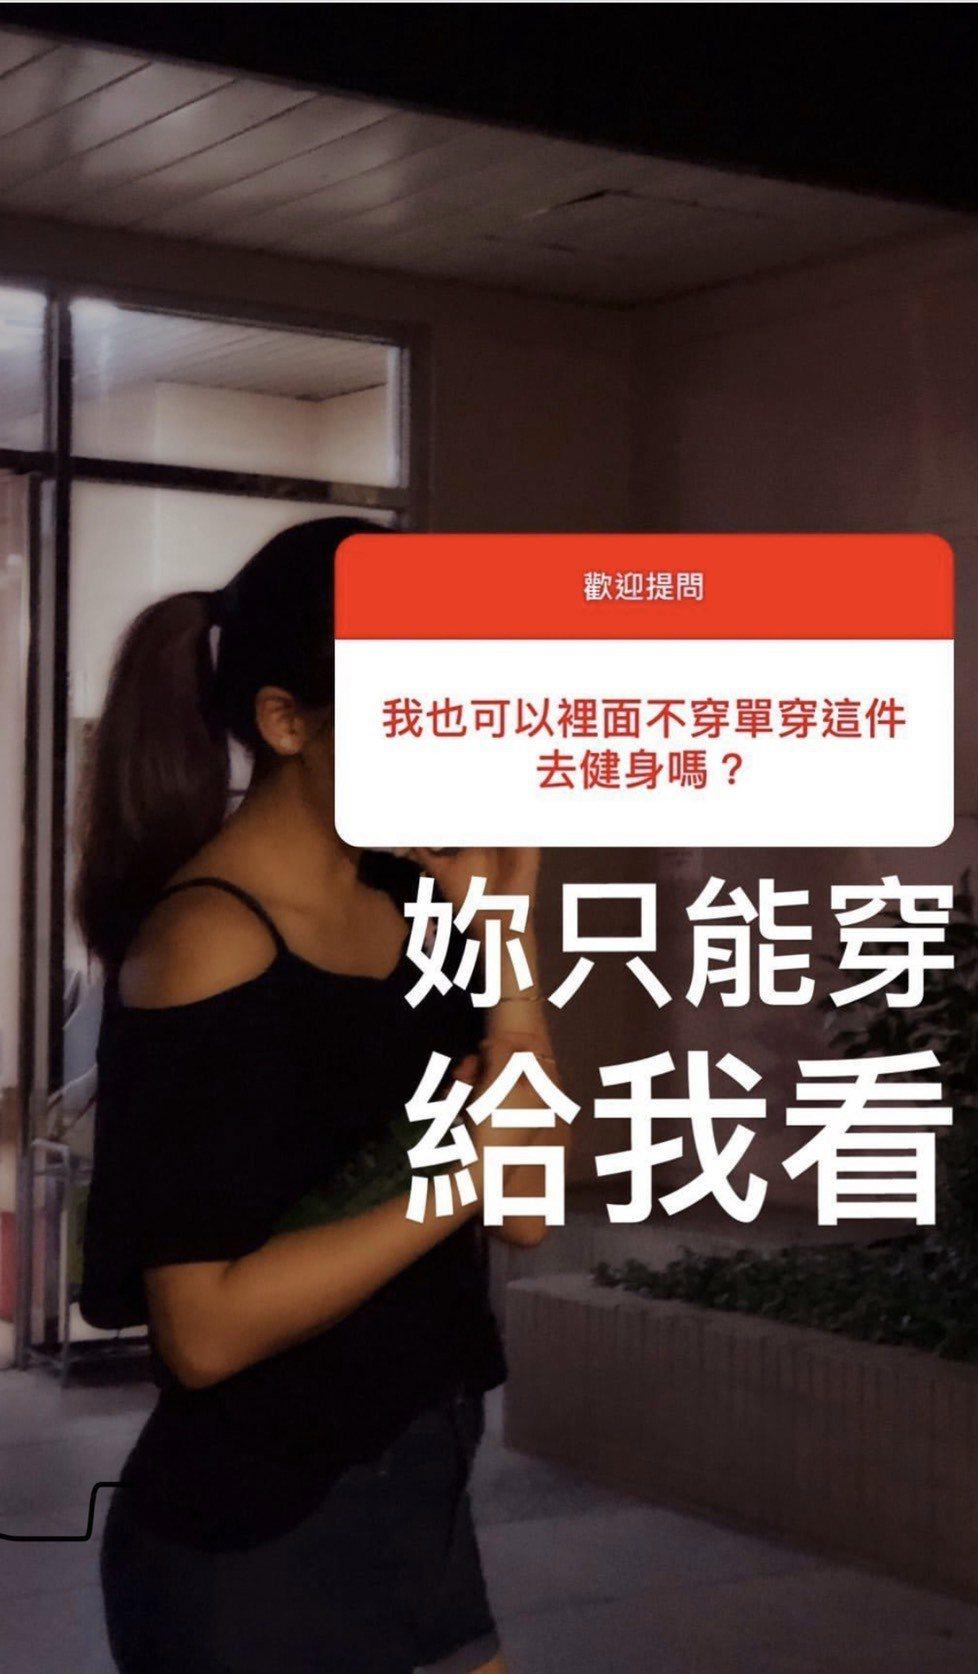 李沛旭在IG限時動態與新歡放閃。圖/摘自IG